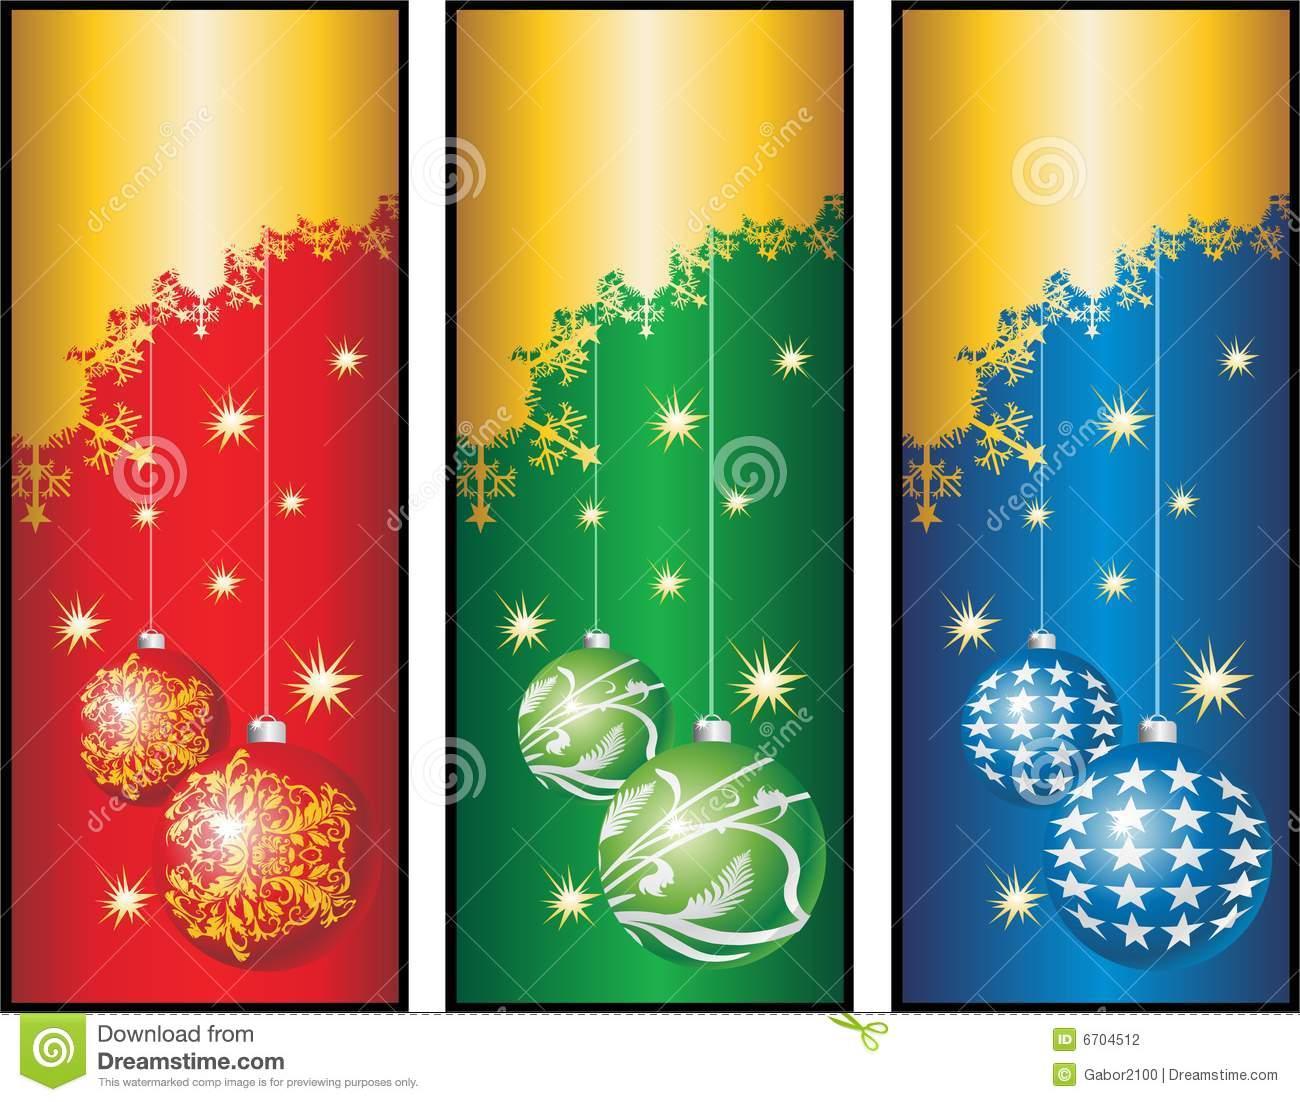 Wallpaper Natal Hd Fondos Navidad Cdr Fondos De Pantalla